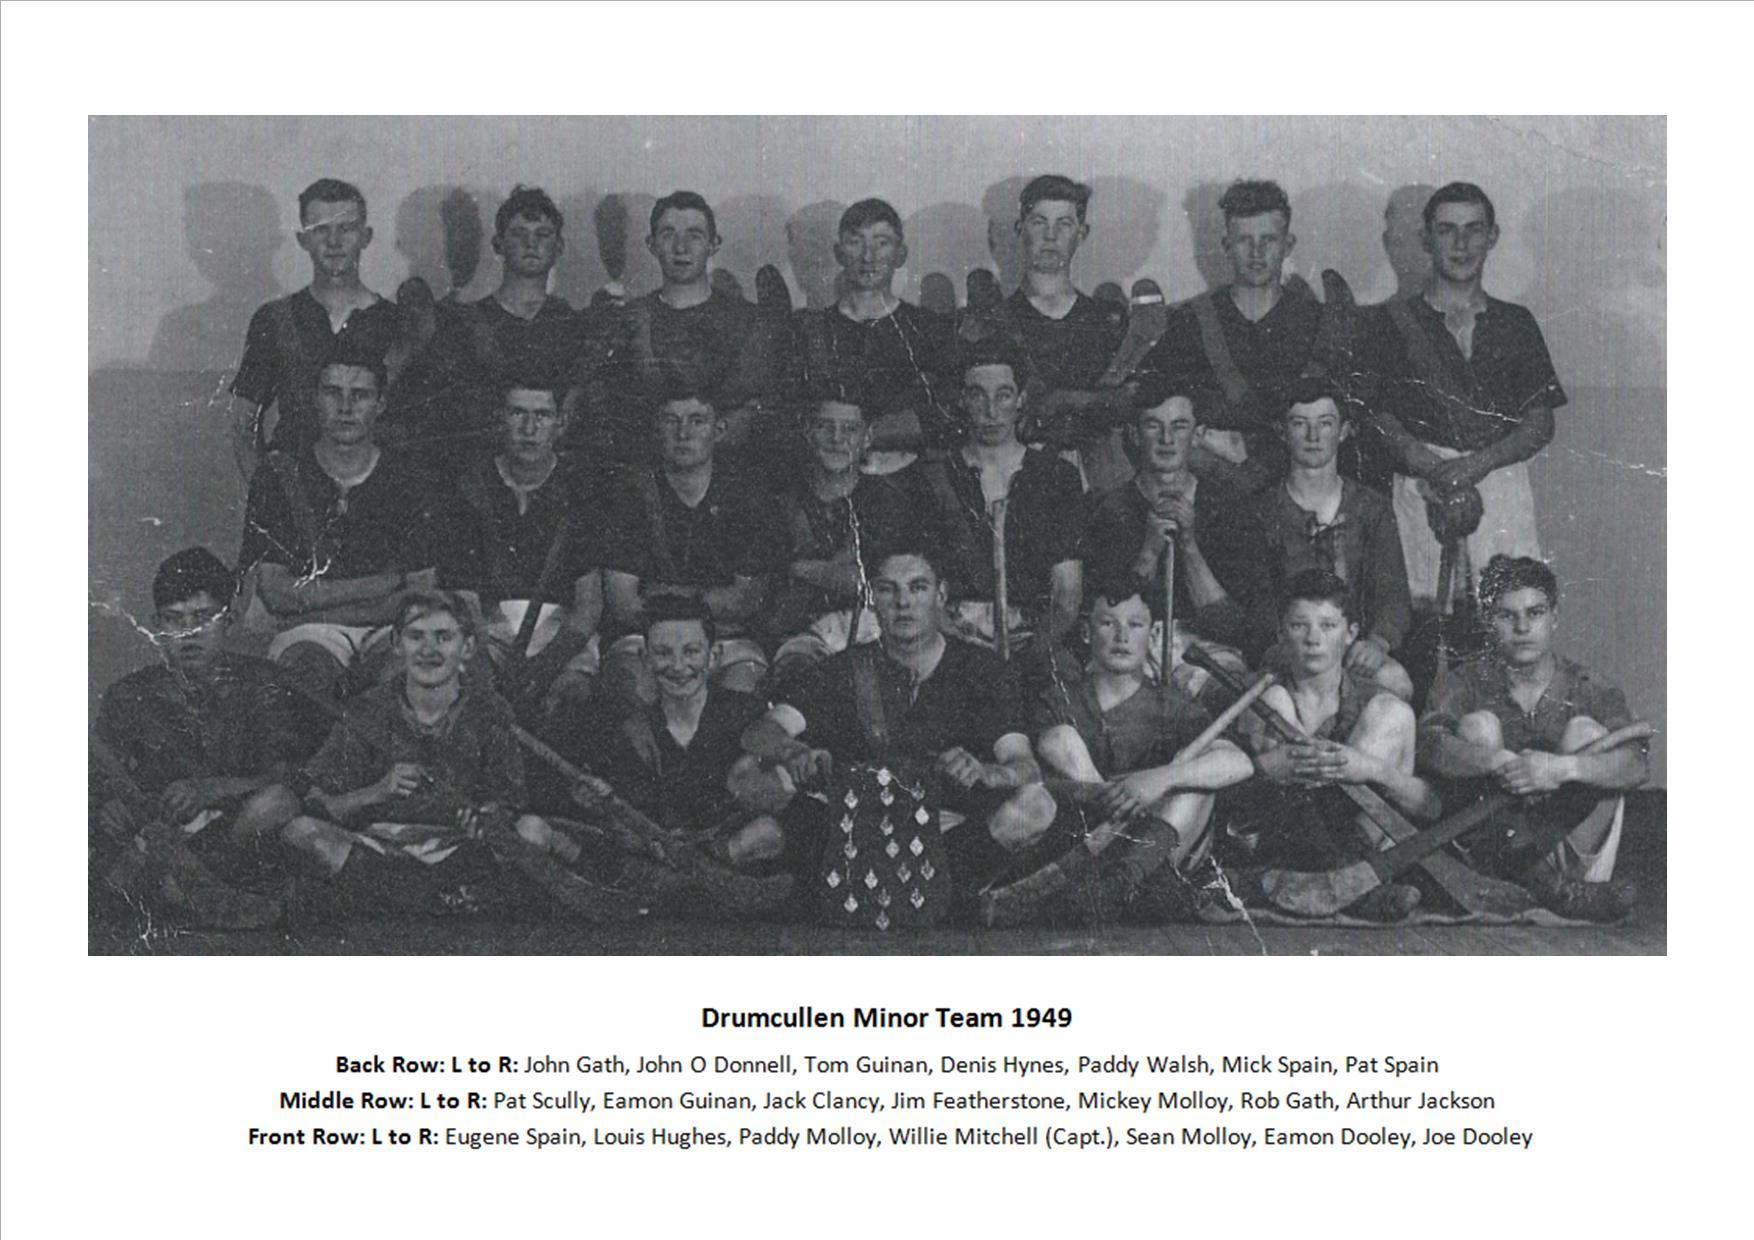 Drumcullen Minor Team - 1949